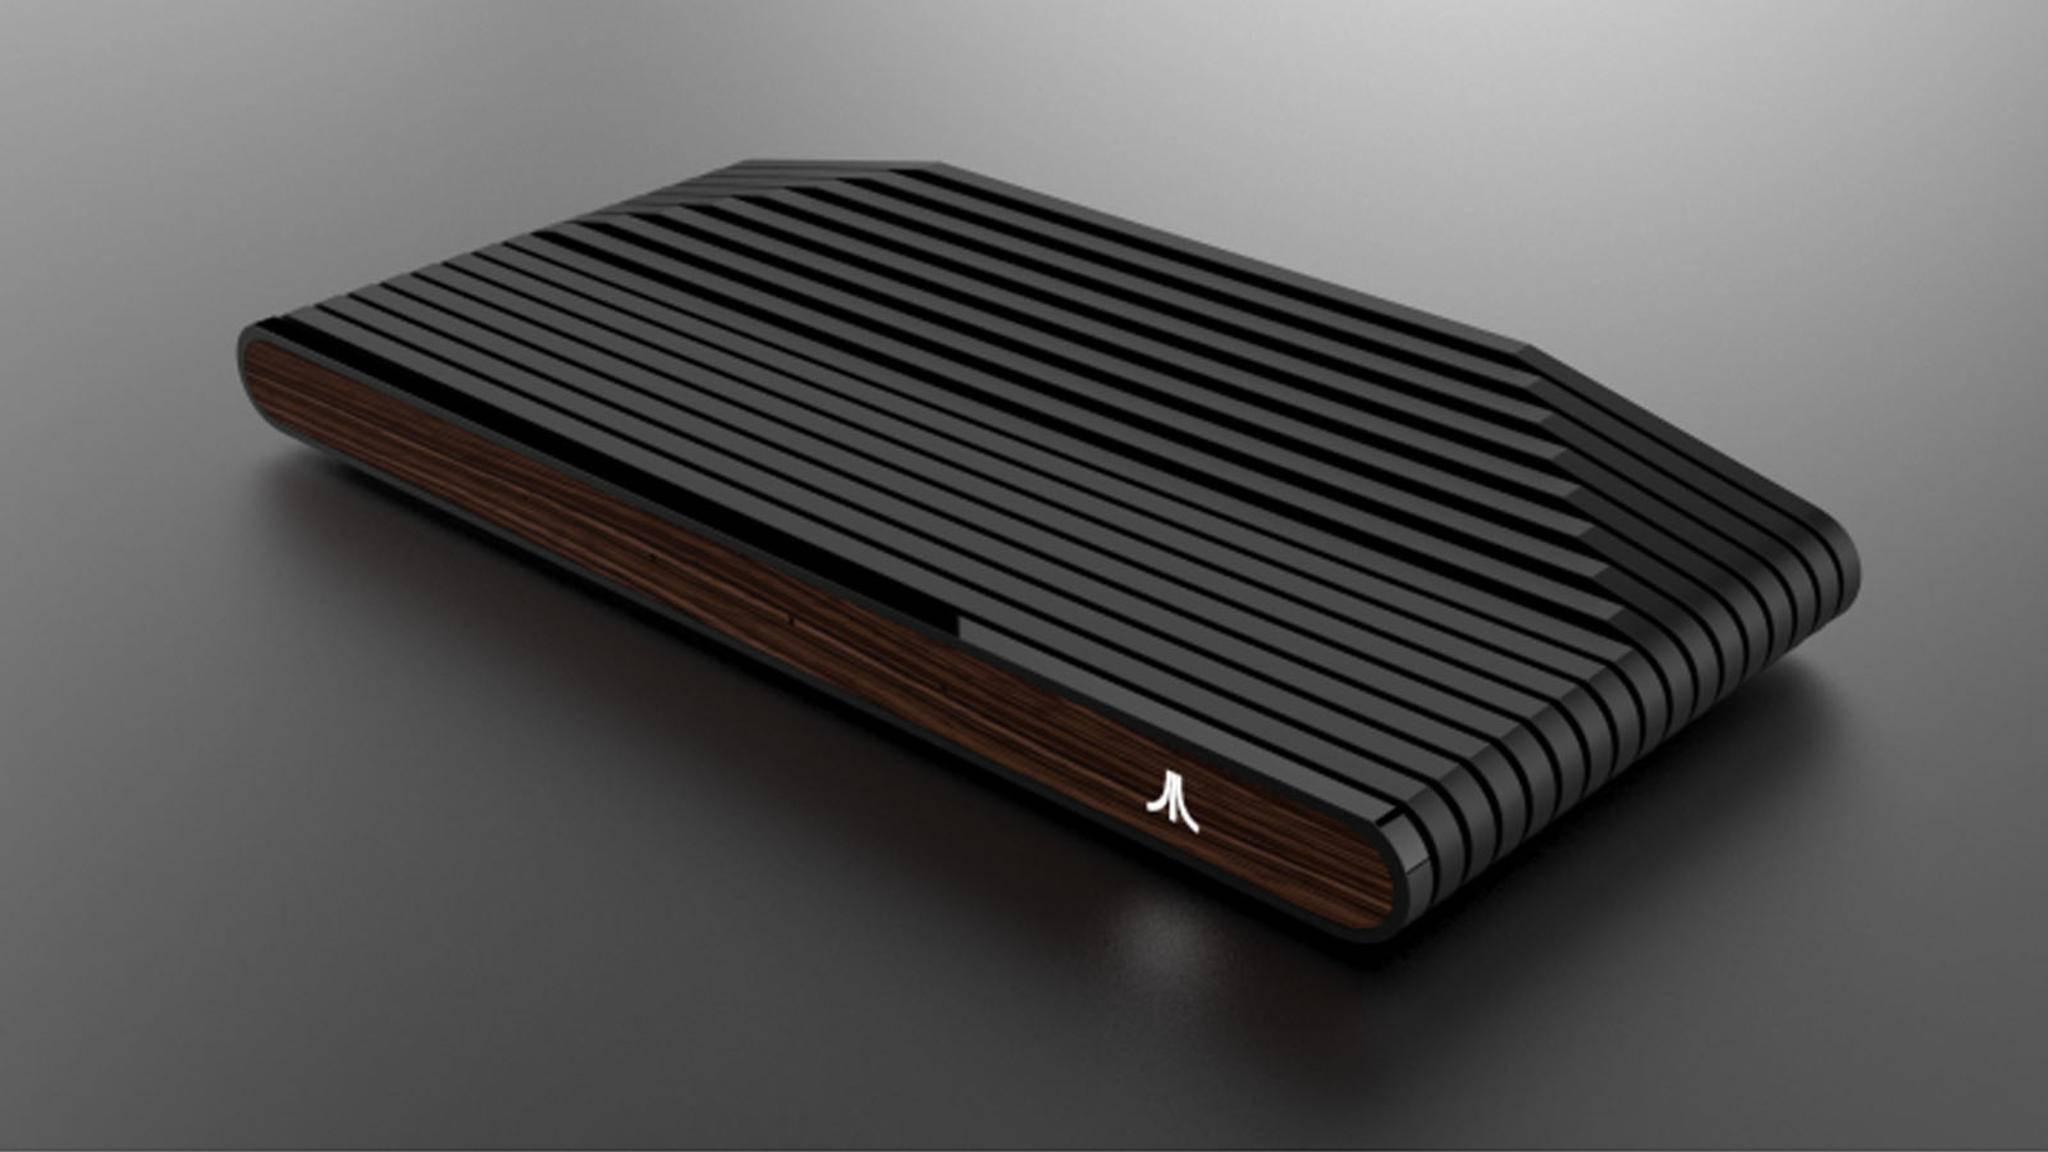 Die Ataribox wird es in verschiedenen Farben geben – vom edlen Holz...